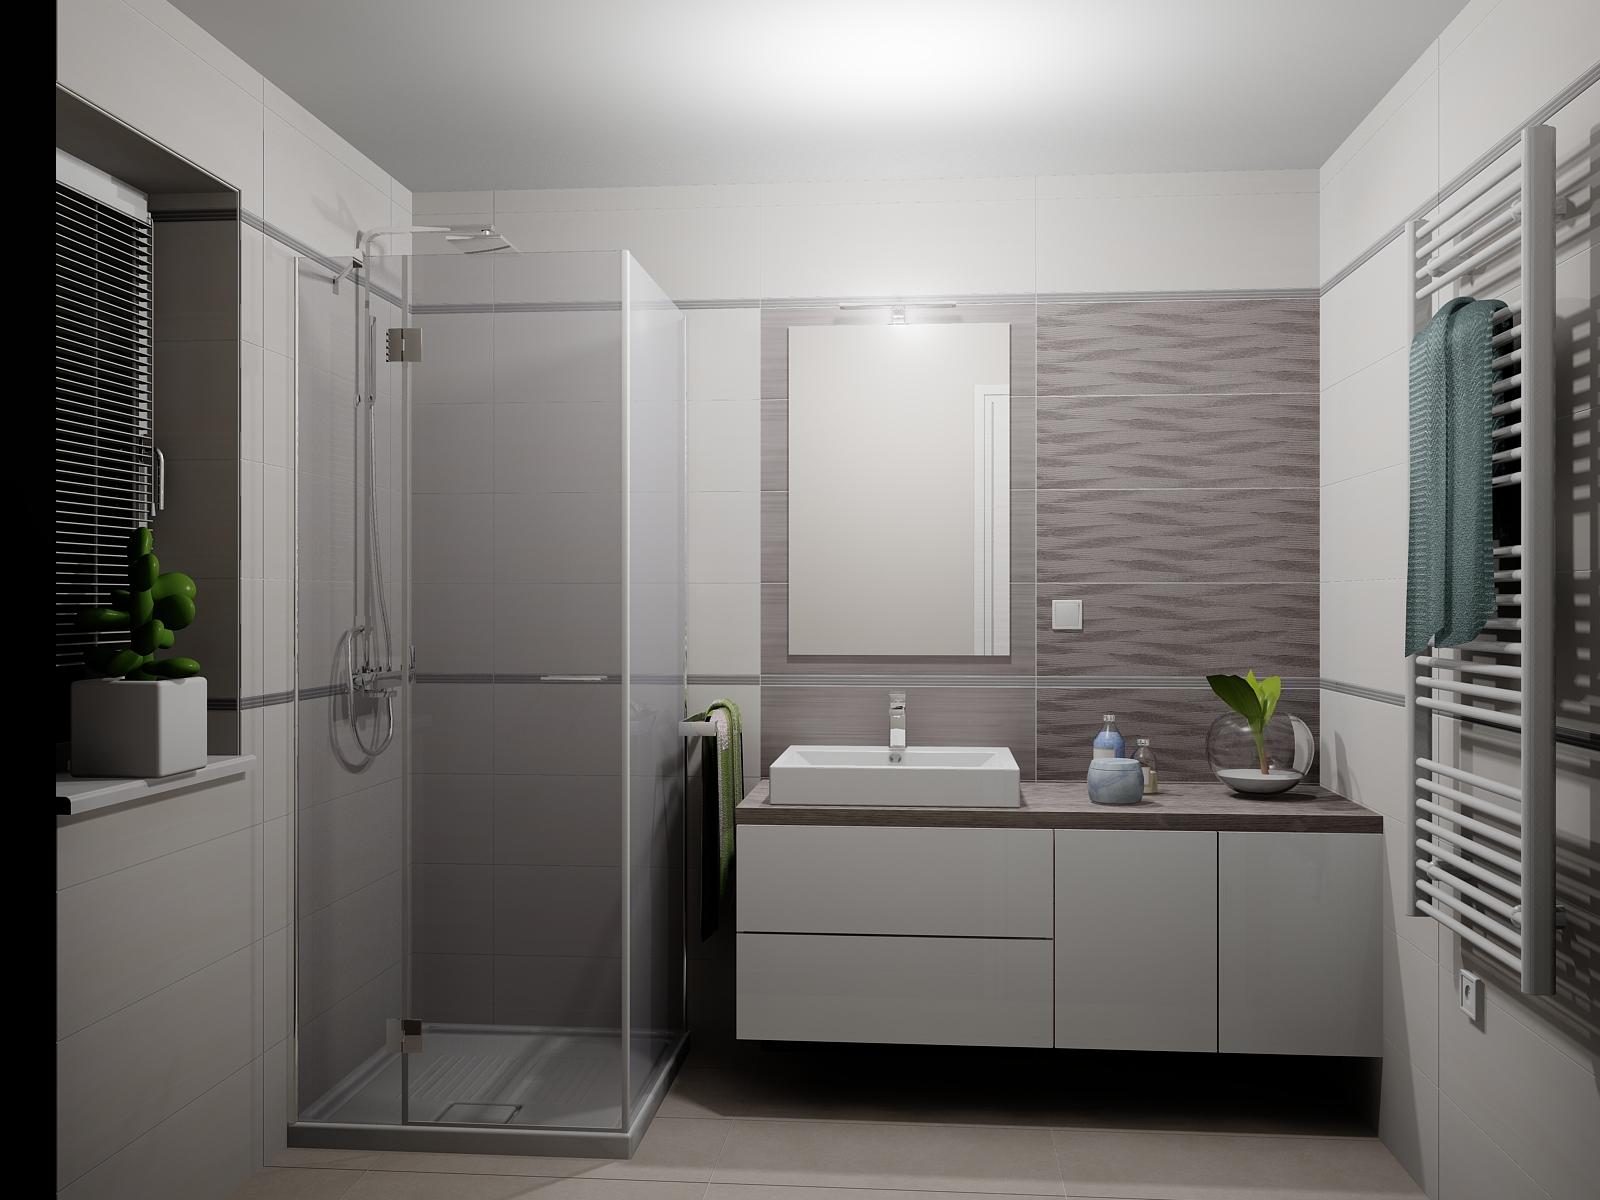 supergres dress up bathroom by karmen trgocev trgocev d o. Black Bedroom Furniture Sets. Home Design Ideas